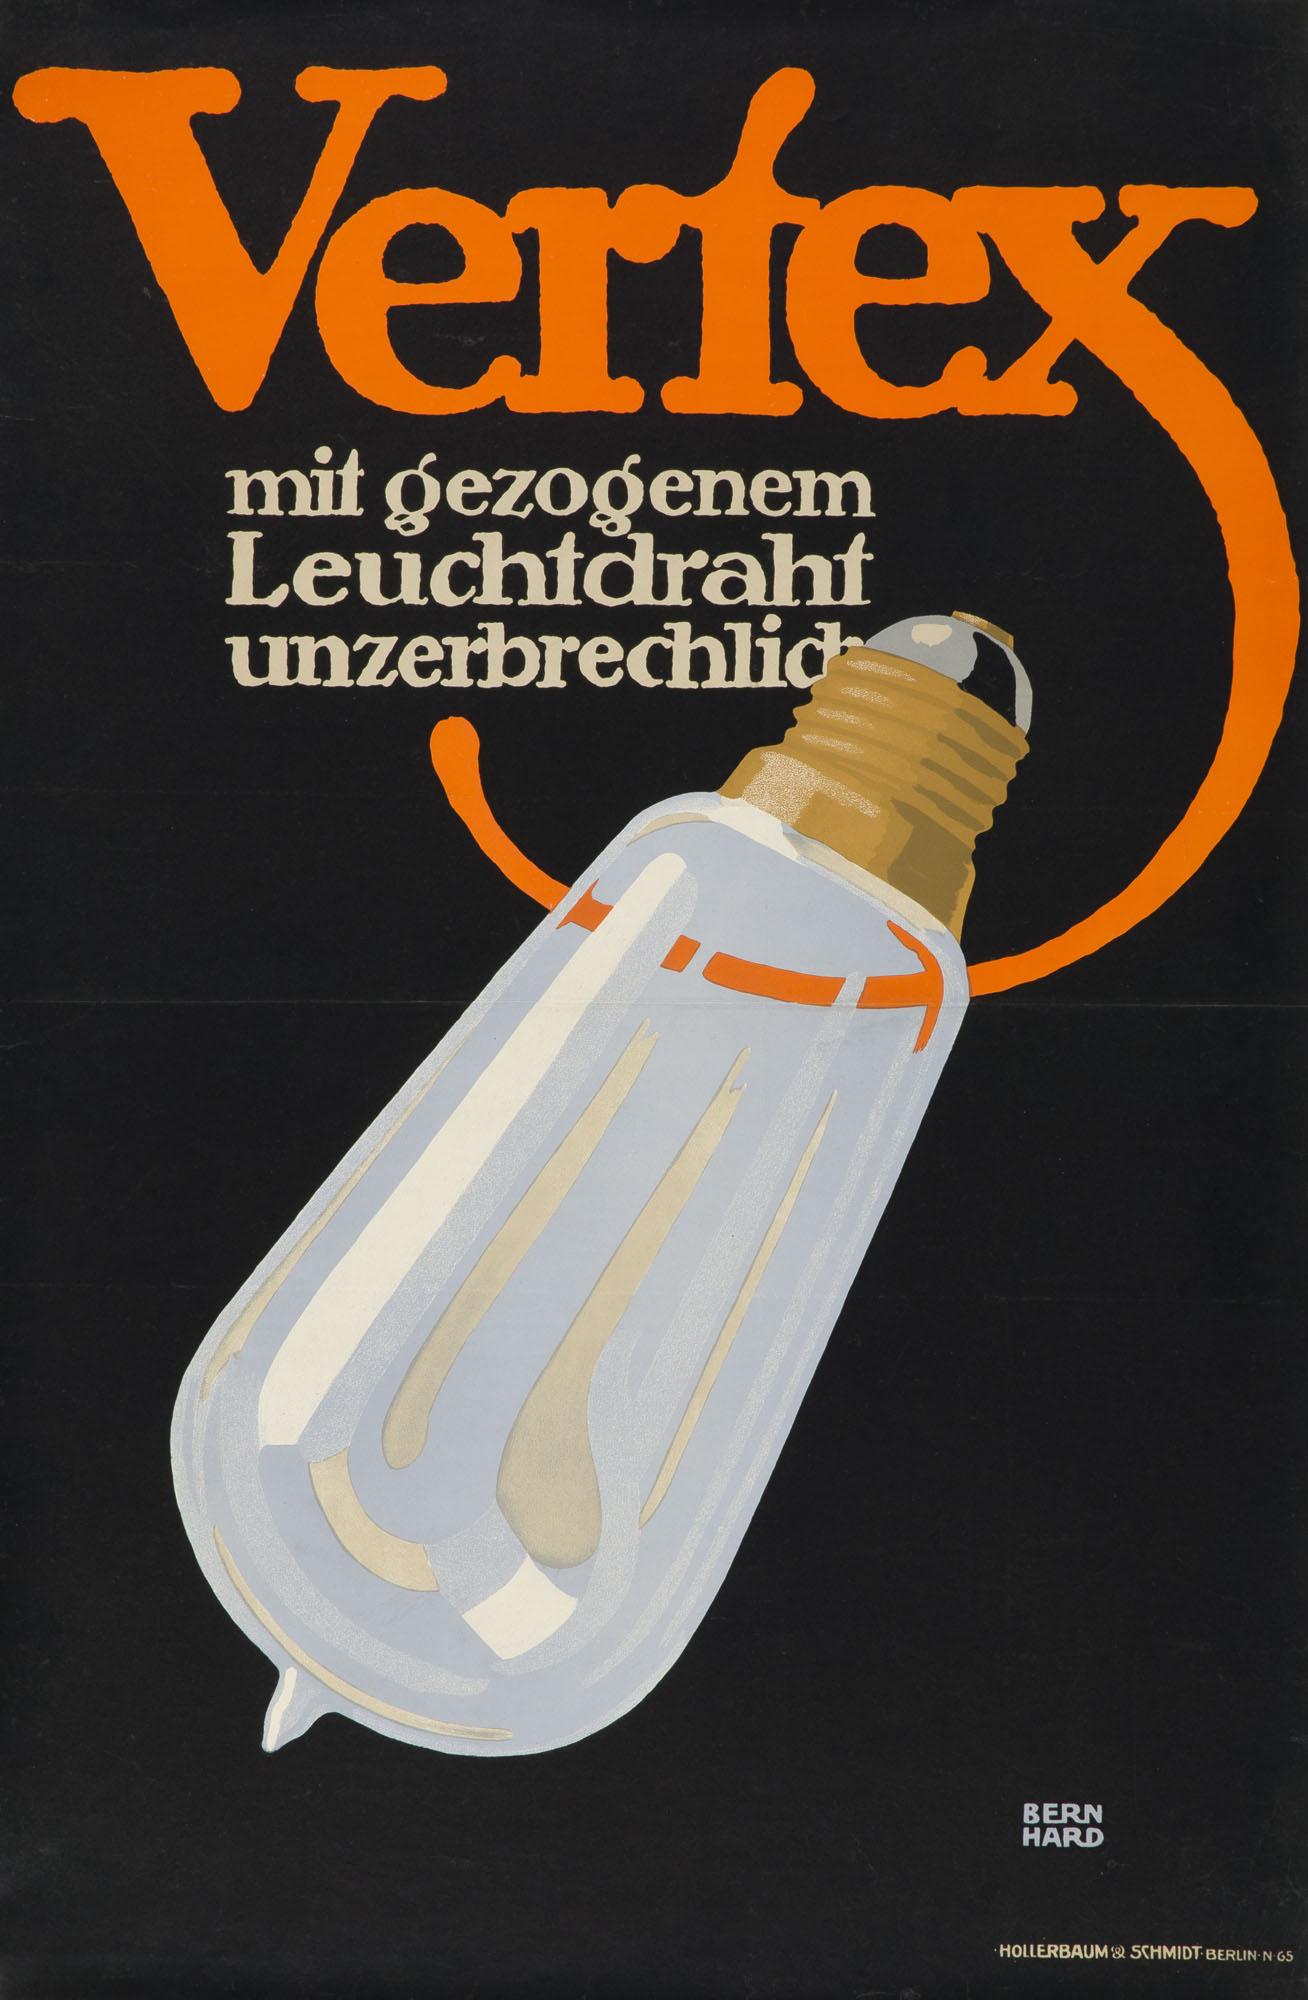 Wohnungsreinigung mit Saugluft Lucian Bernhard Poster